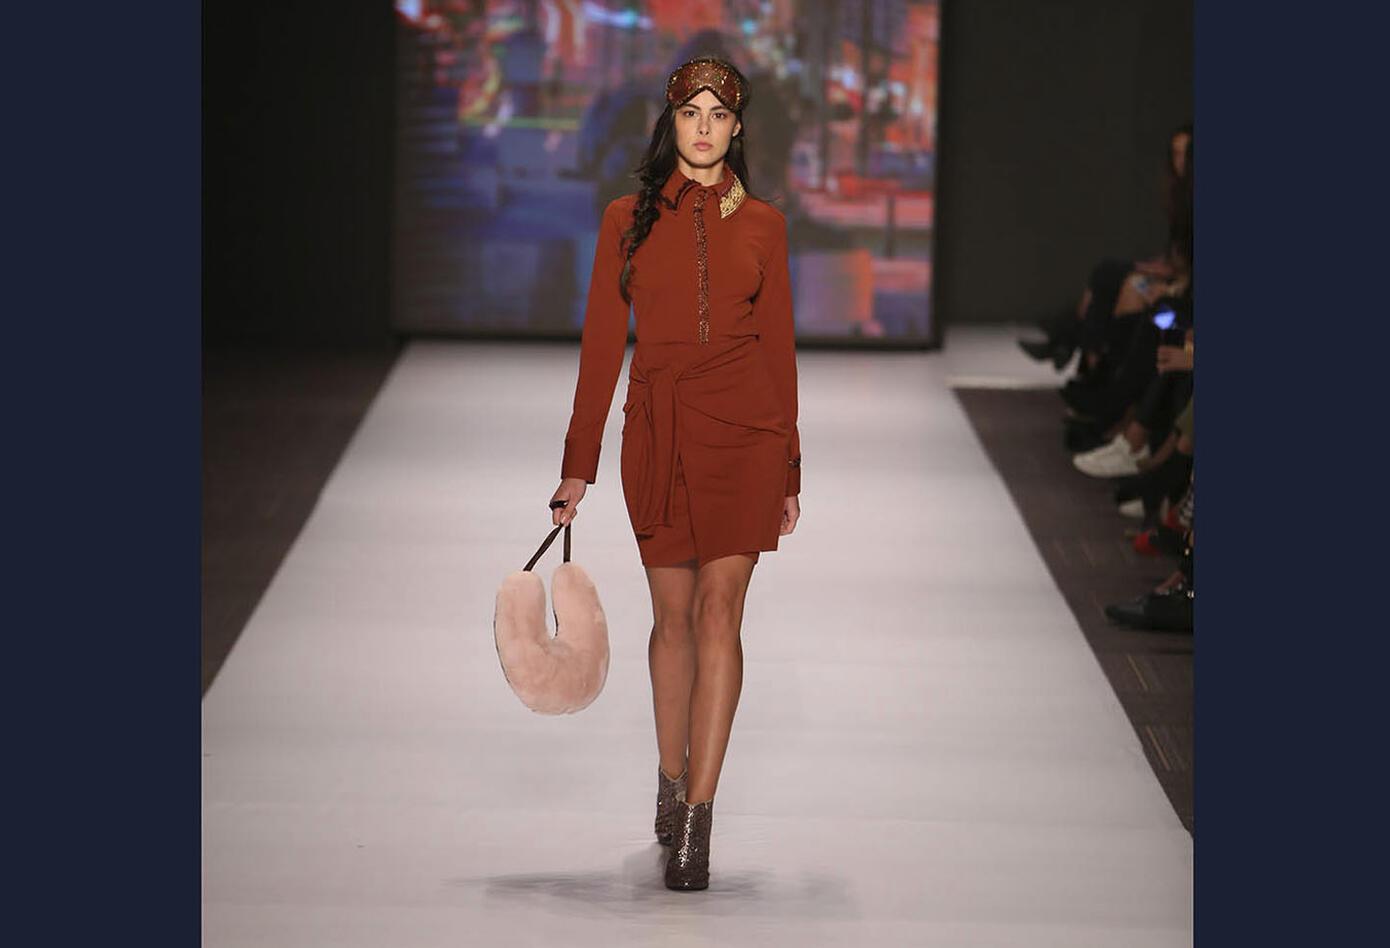 La elegancia y la irreverencia juvenil marcaron huella en la pasarela de la diseñadora colombo-alemana.